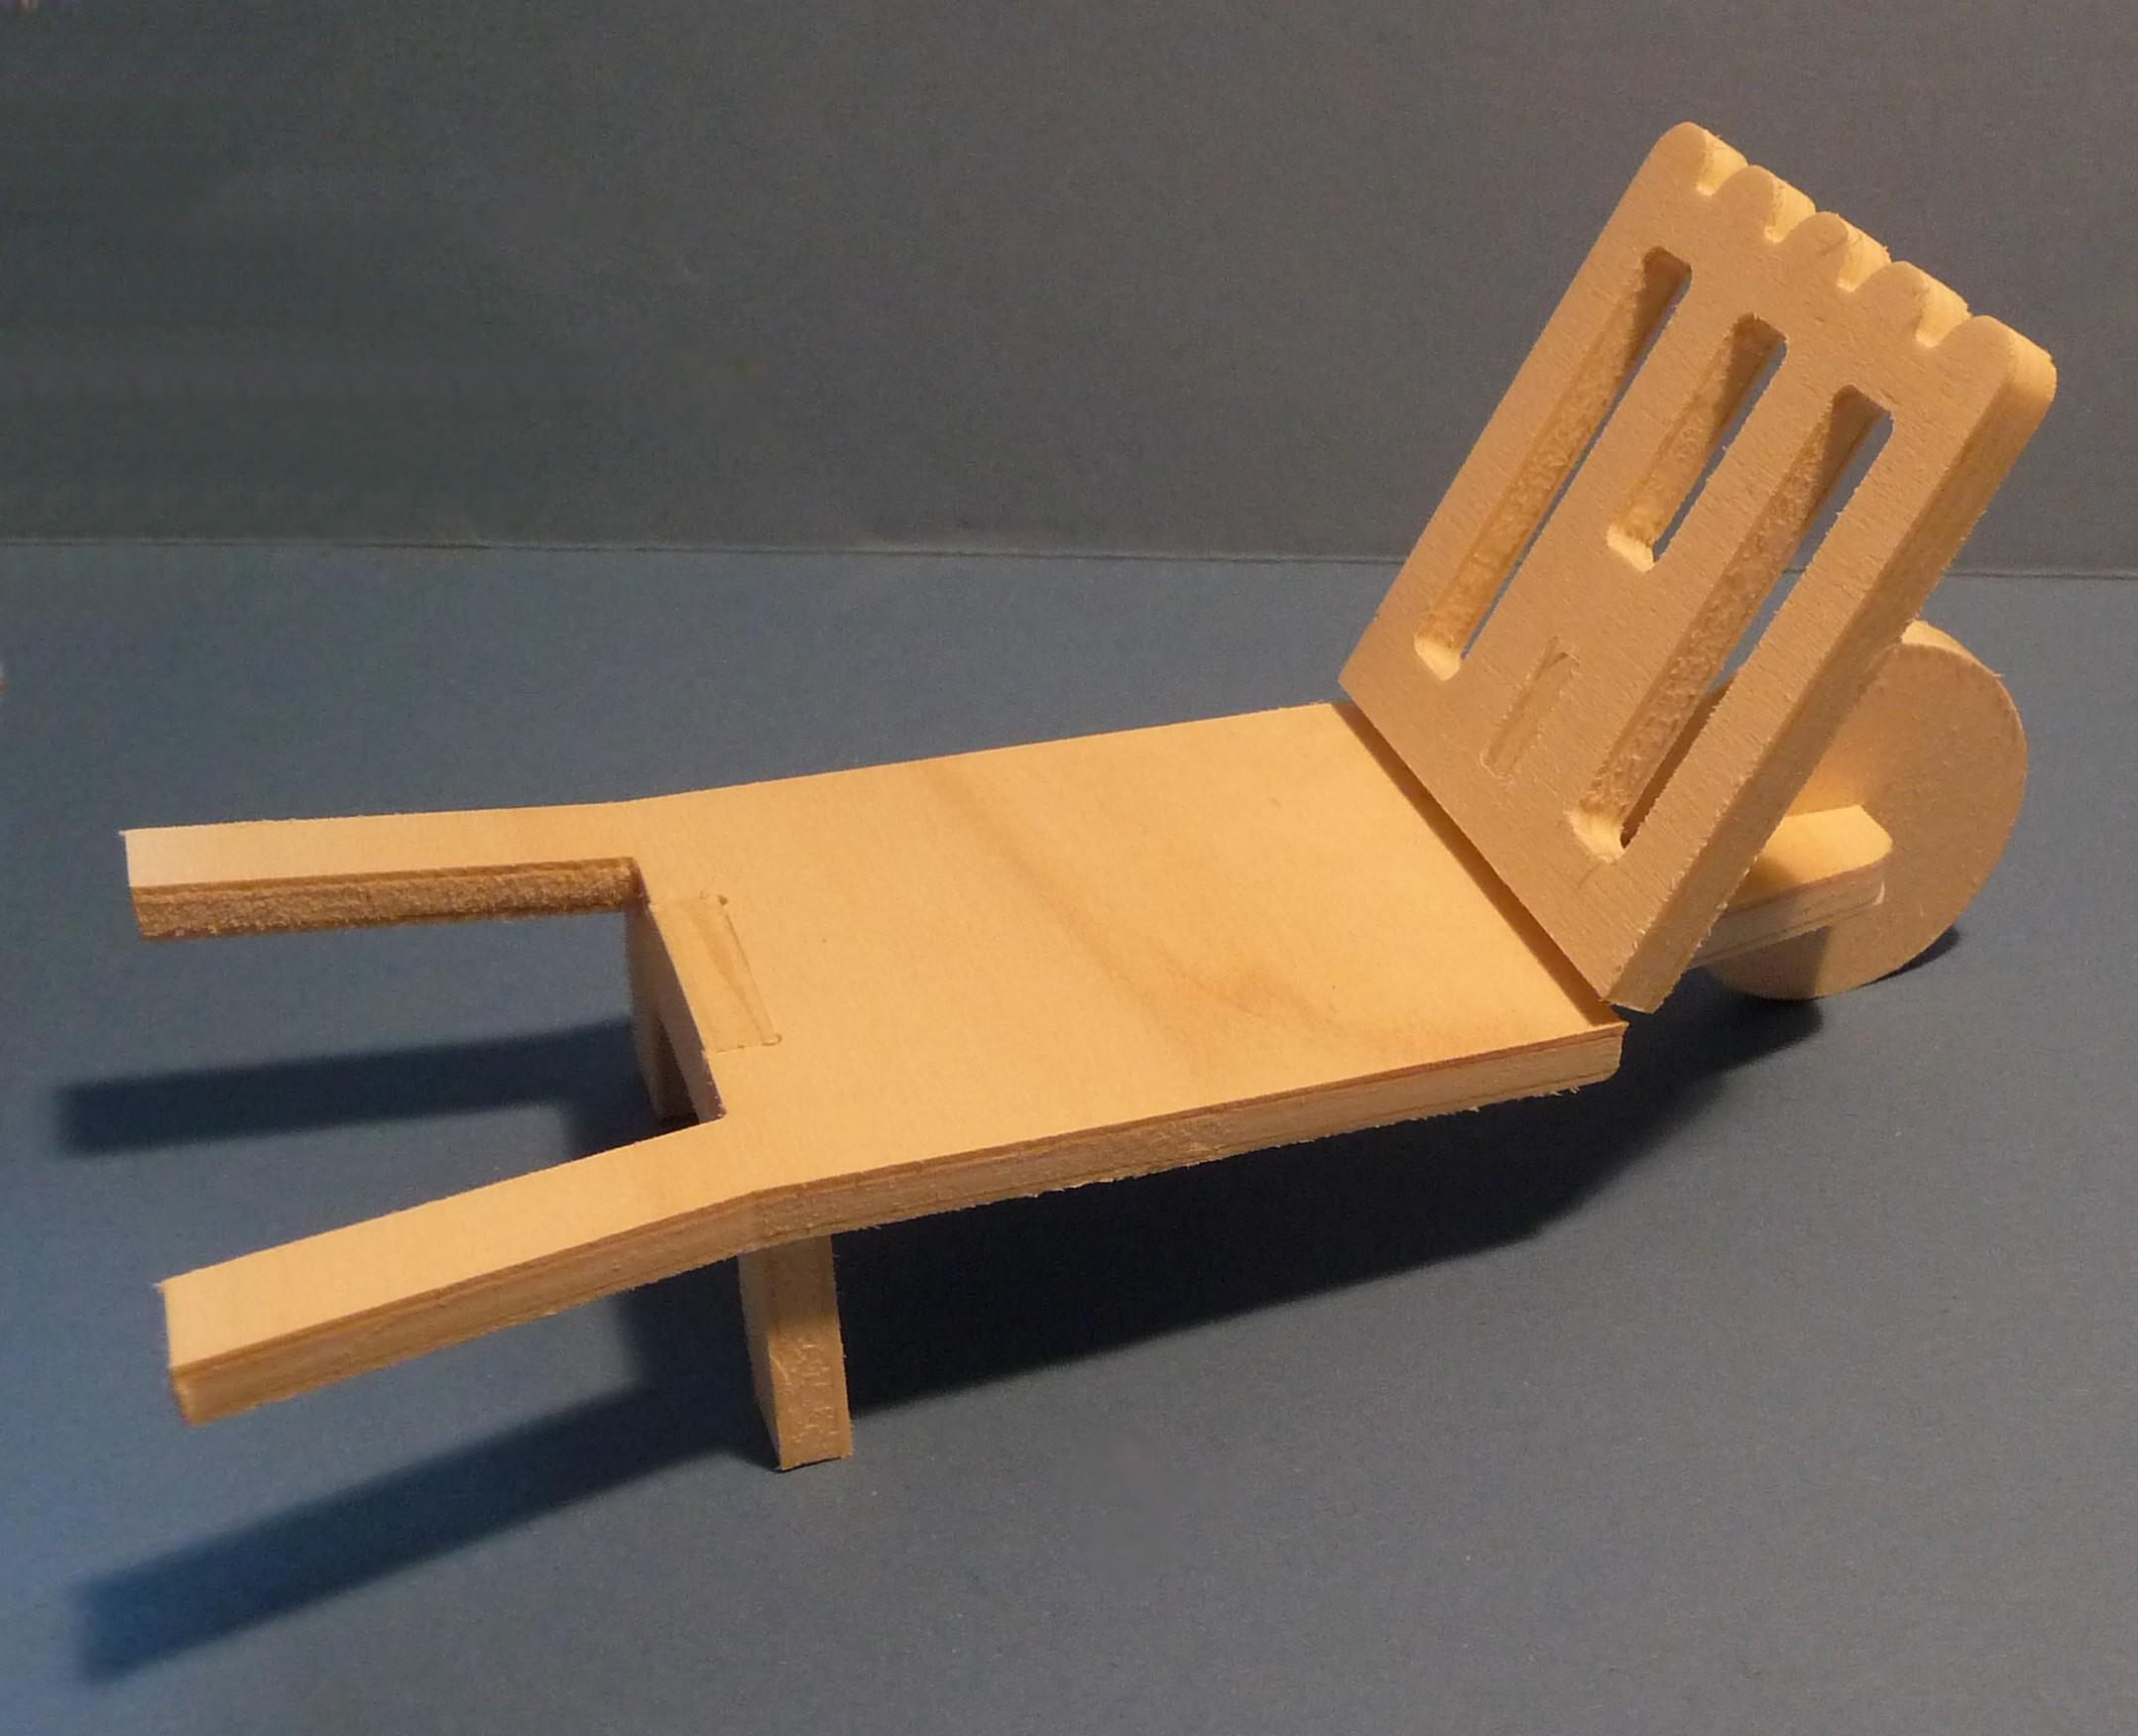 fabriquer une brouette en bois fashion designs. Black Bedroom Furniture Sets. Home Design Ideas